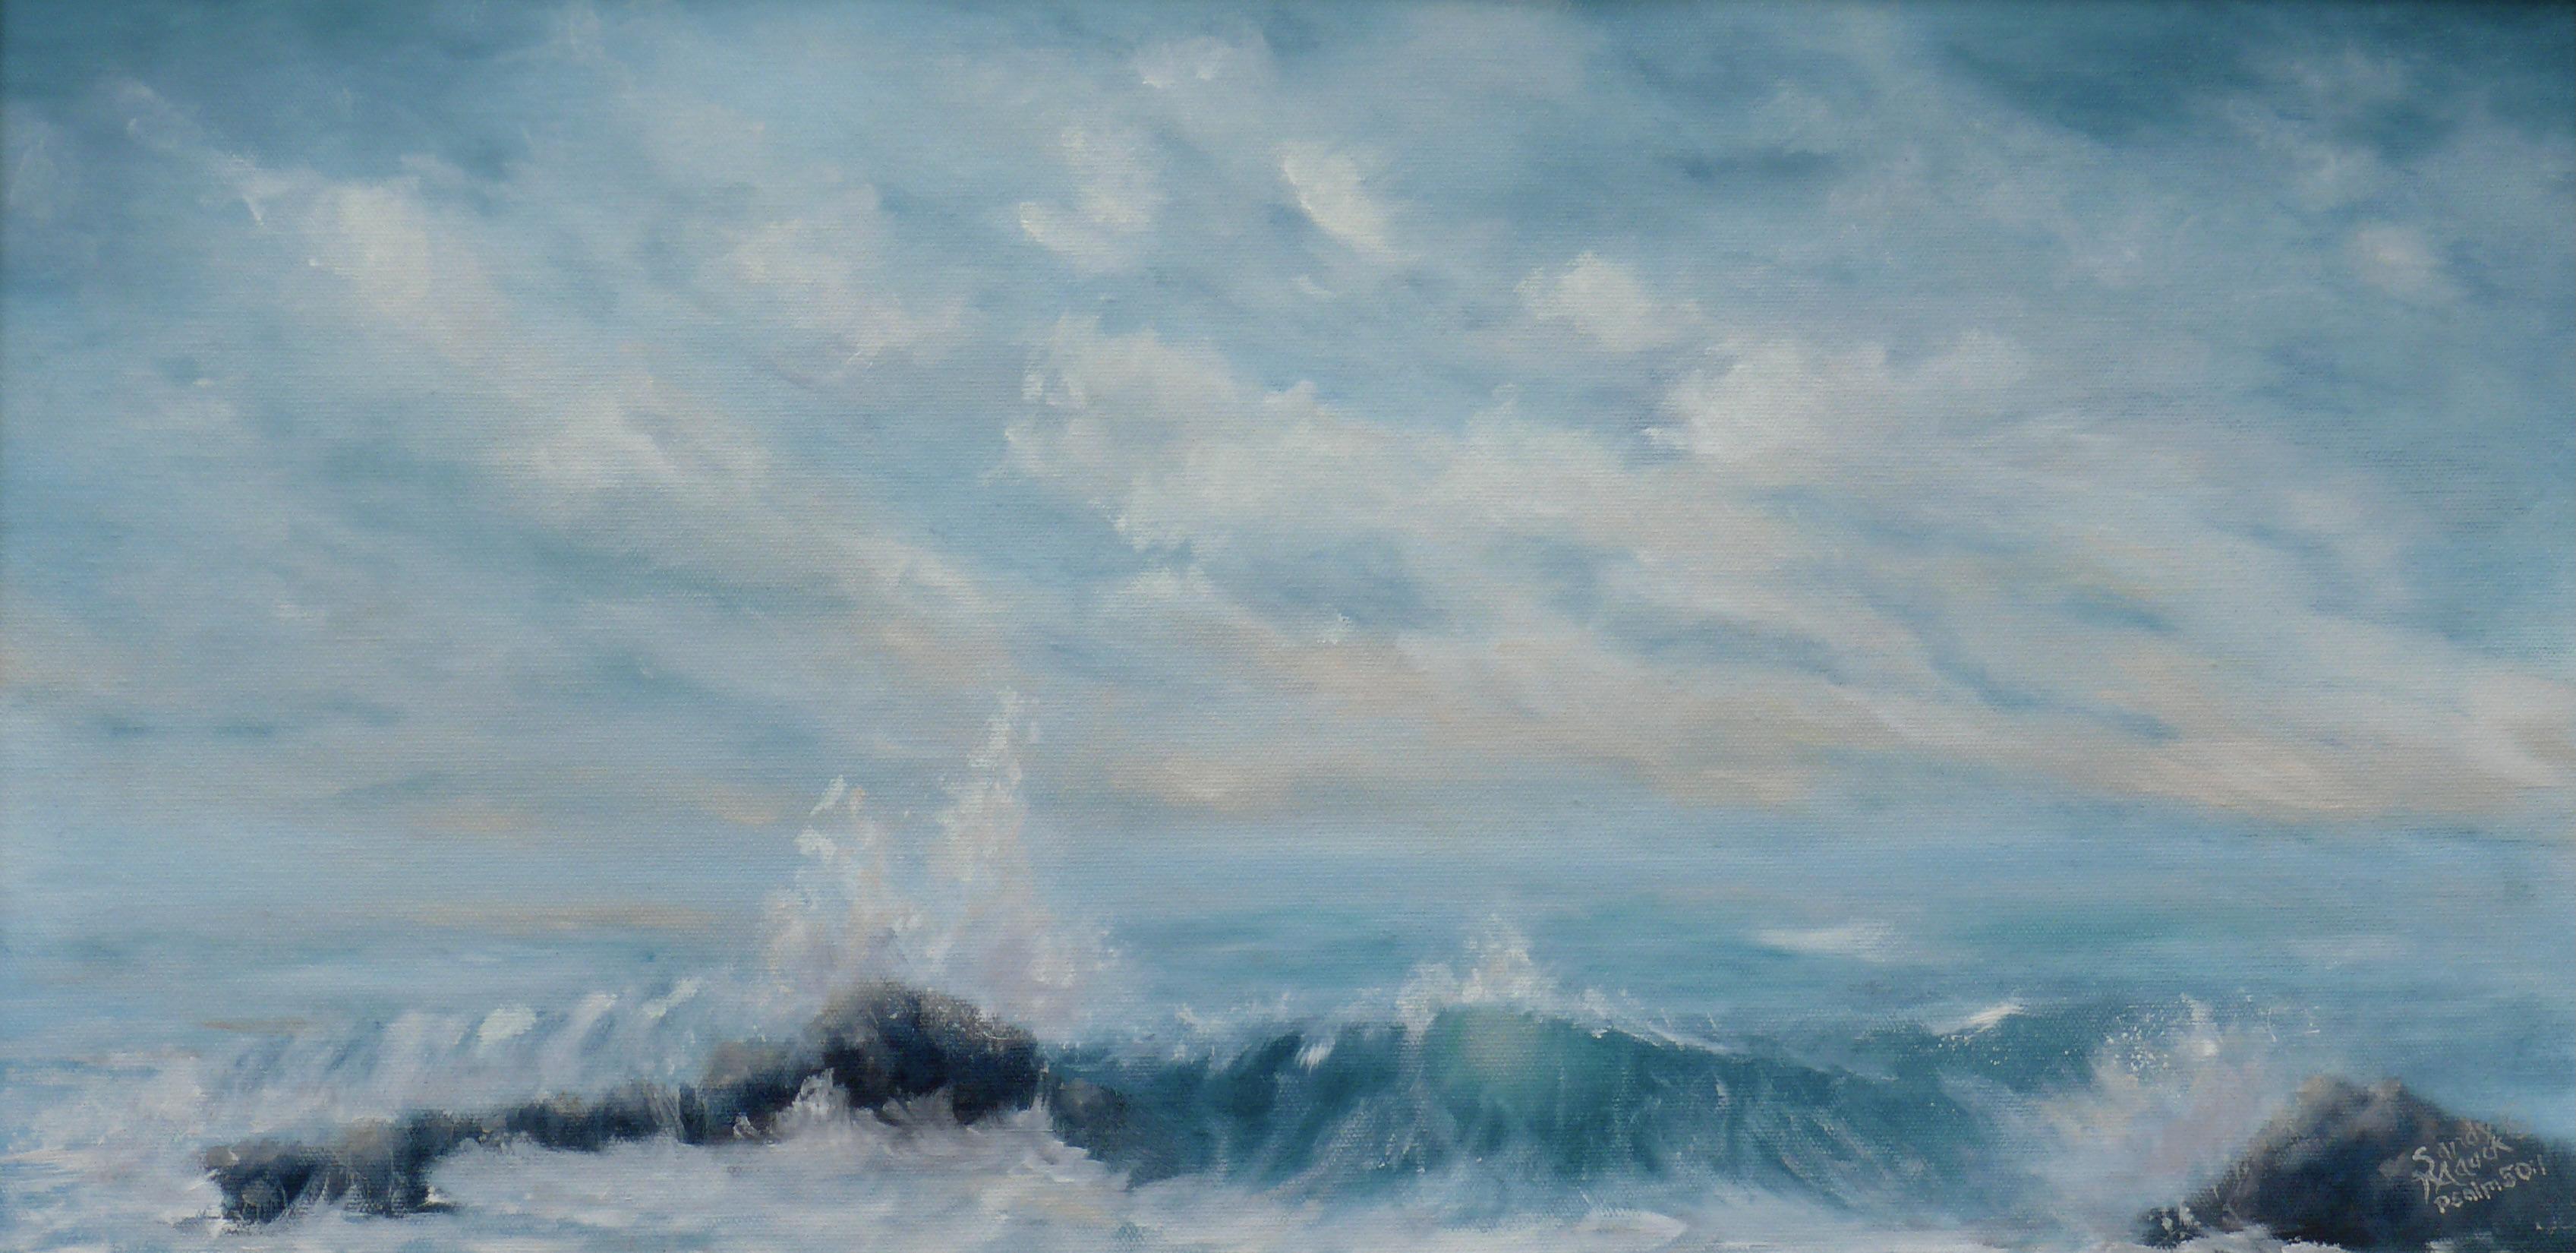 Aqua Wave